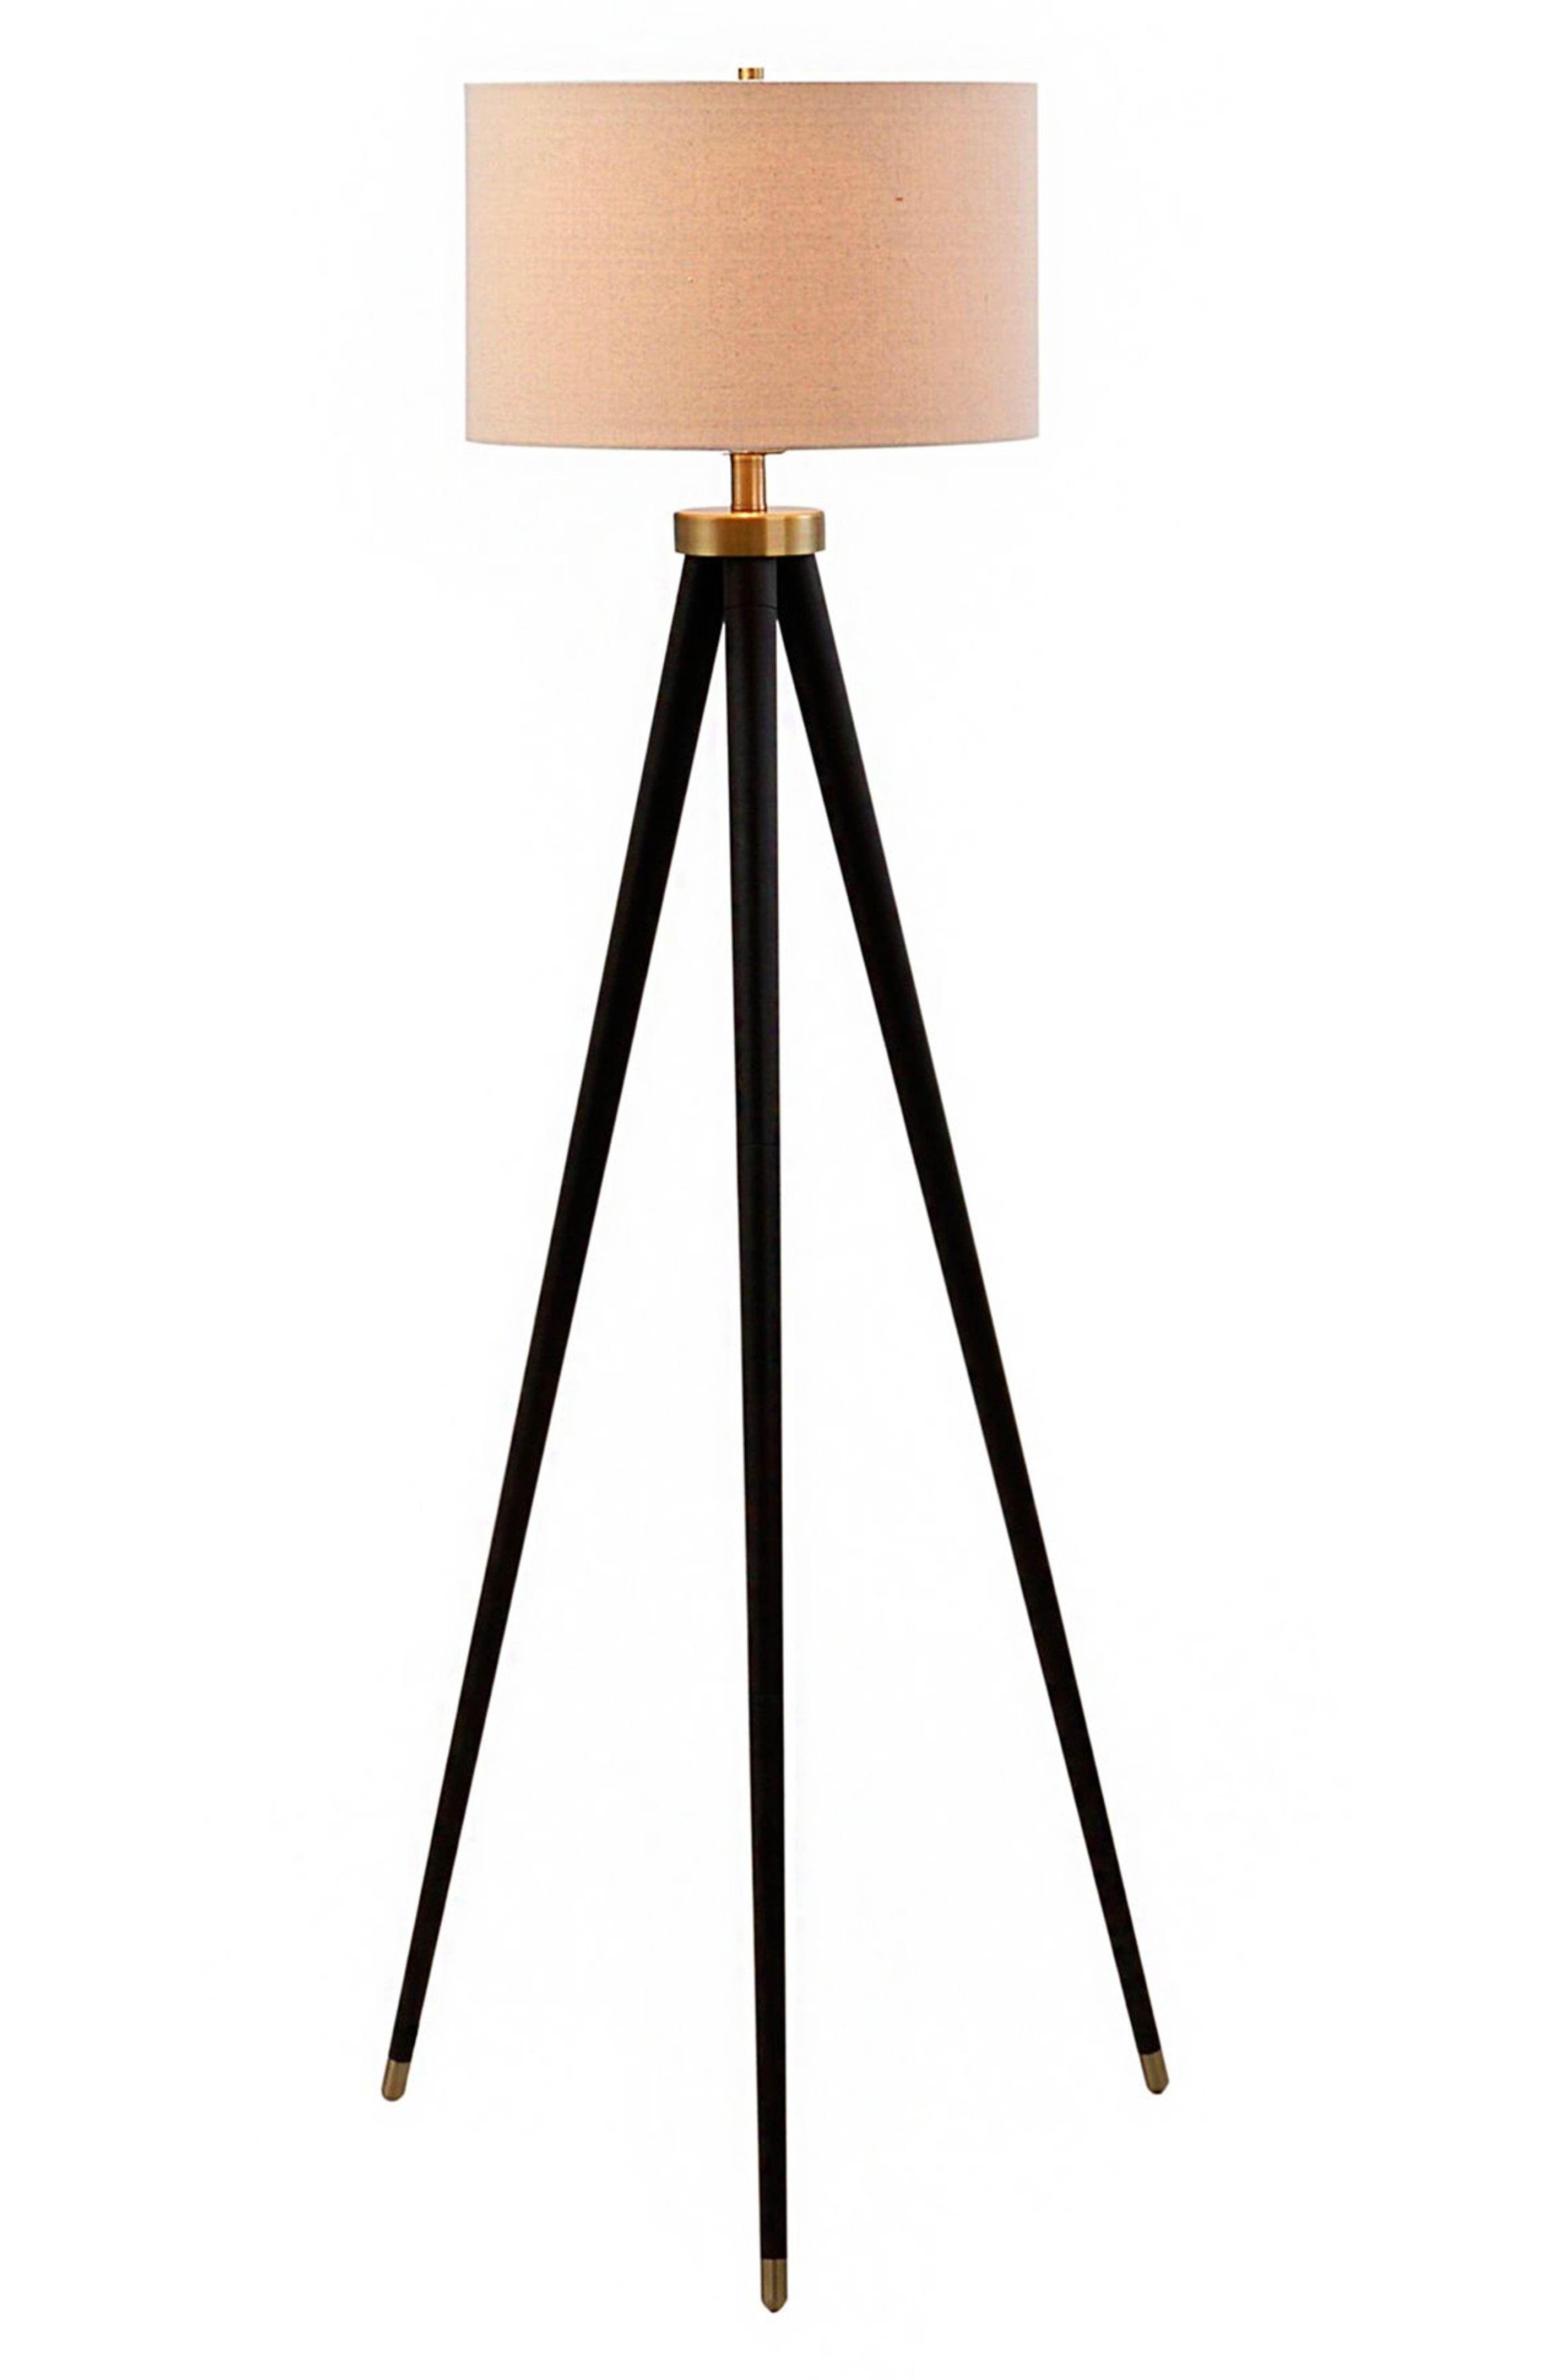 JAlexander Tripod Floor Lamp Floor lamp, Bronze floor